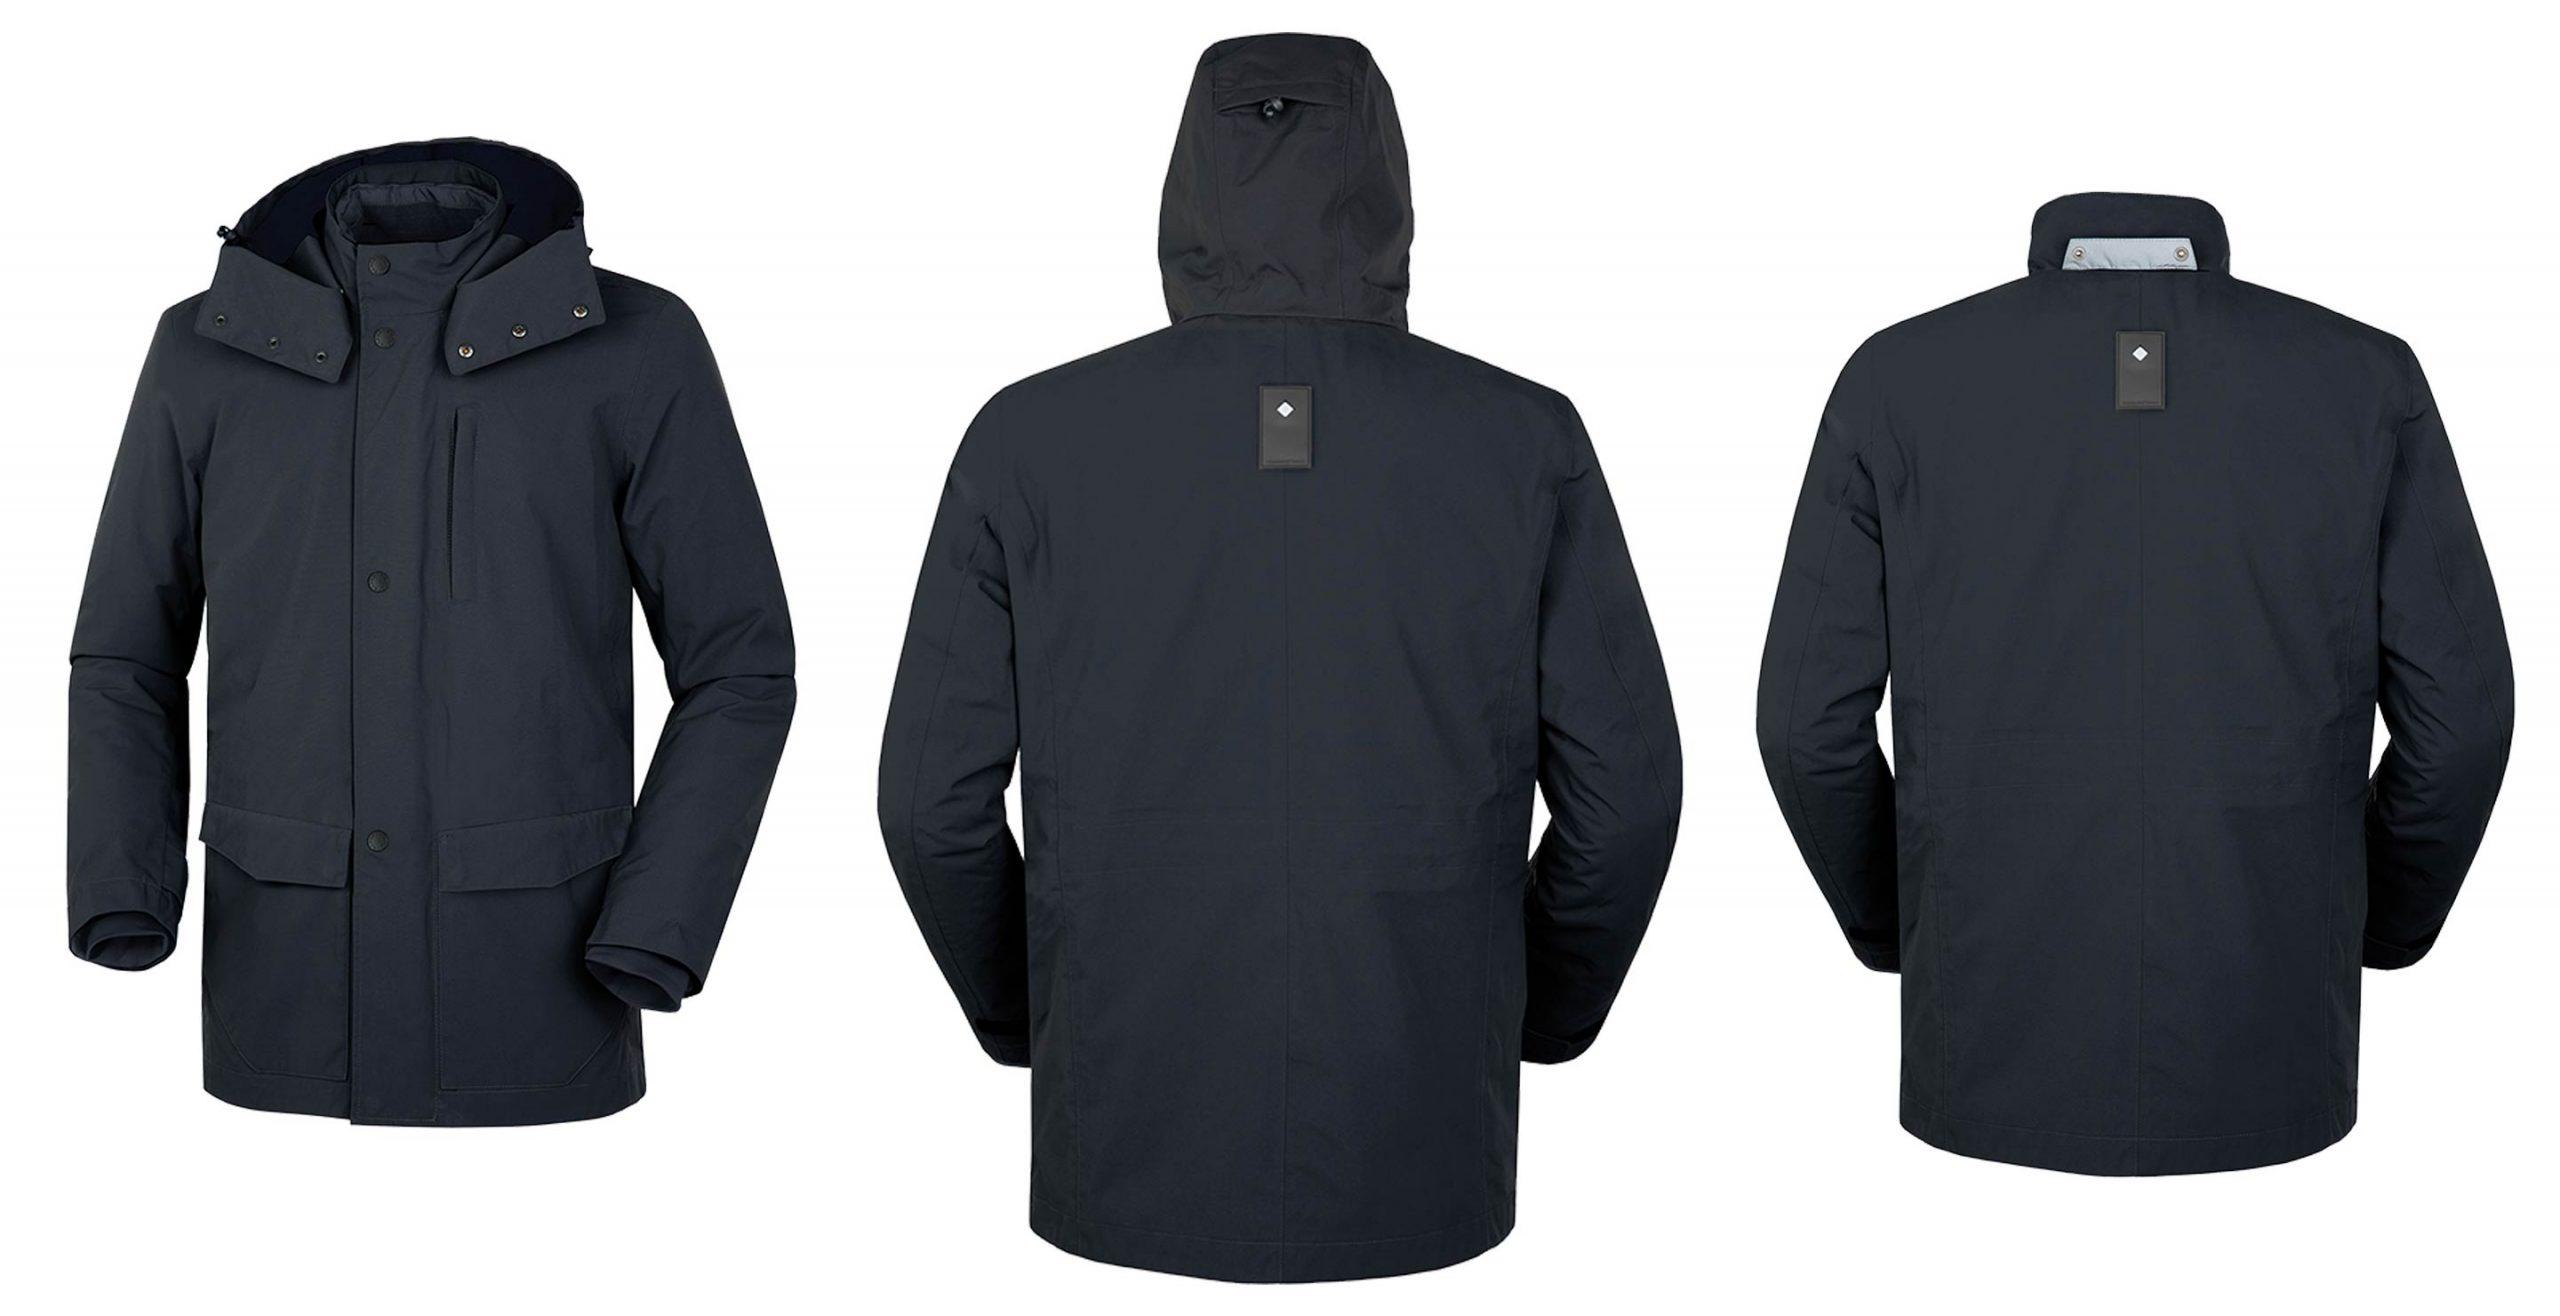 Distintas perspectivas de la chaqueta Brera de Tucano Urbano